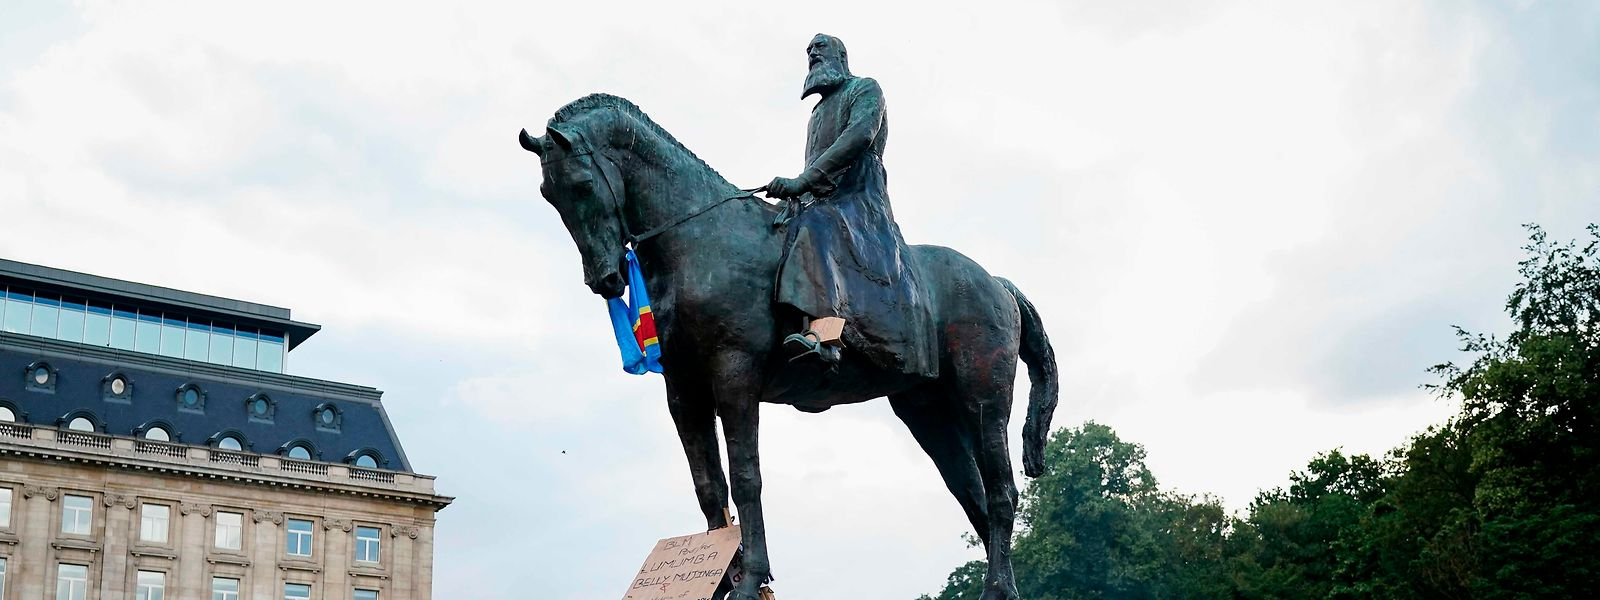 """""""Black Lives matter""""-Proteste im Juni in Brüssel: Am Sockel des Monuments von Leopold II. haben Teilnehmer an der Kundgebung Feuer gelegt."""